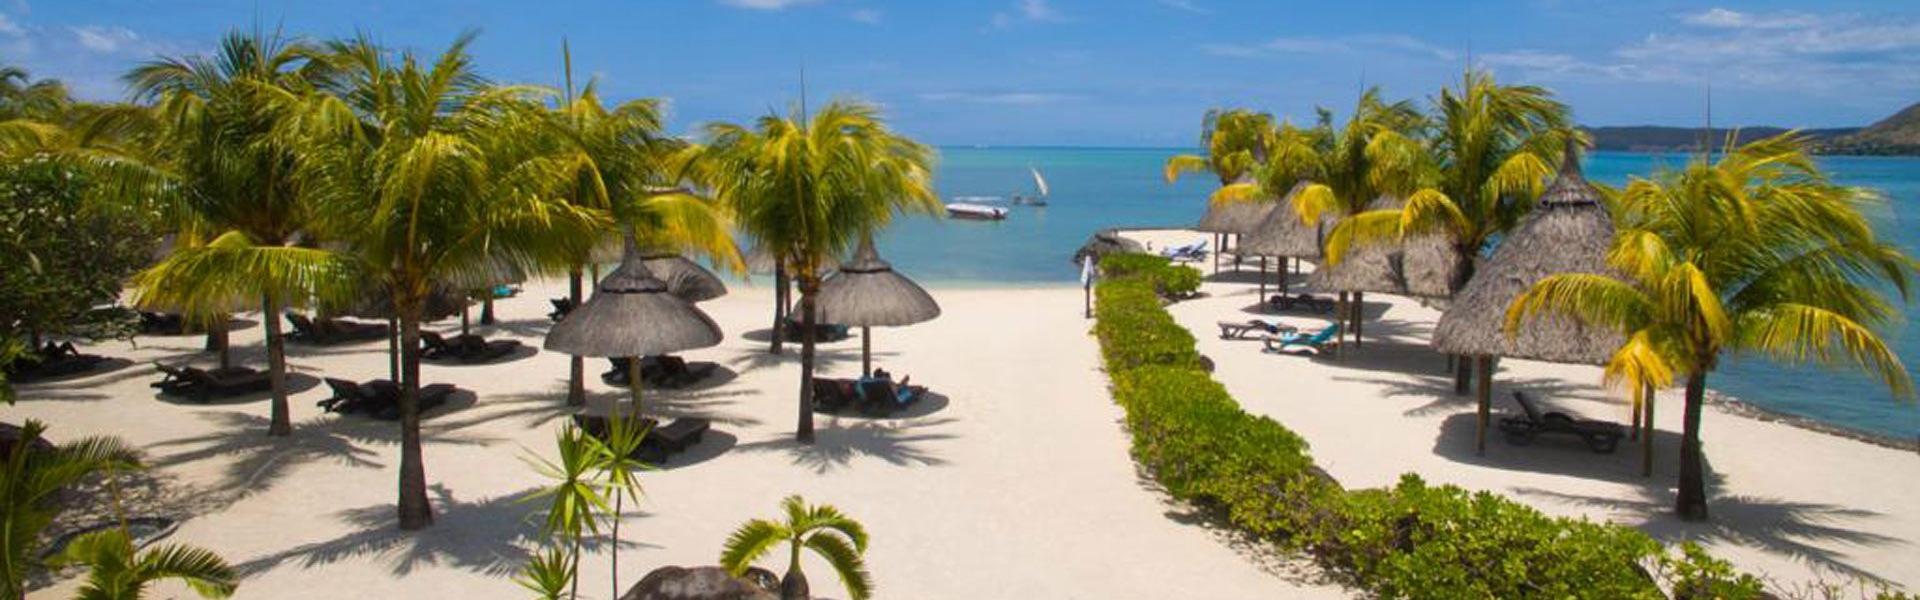 Laguna Beach Hotel & Spa (Mauritiusi utazások)